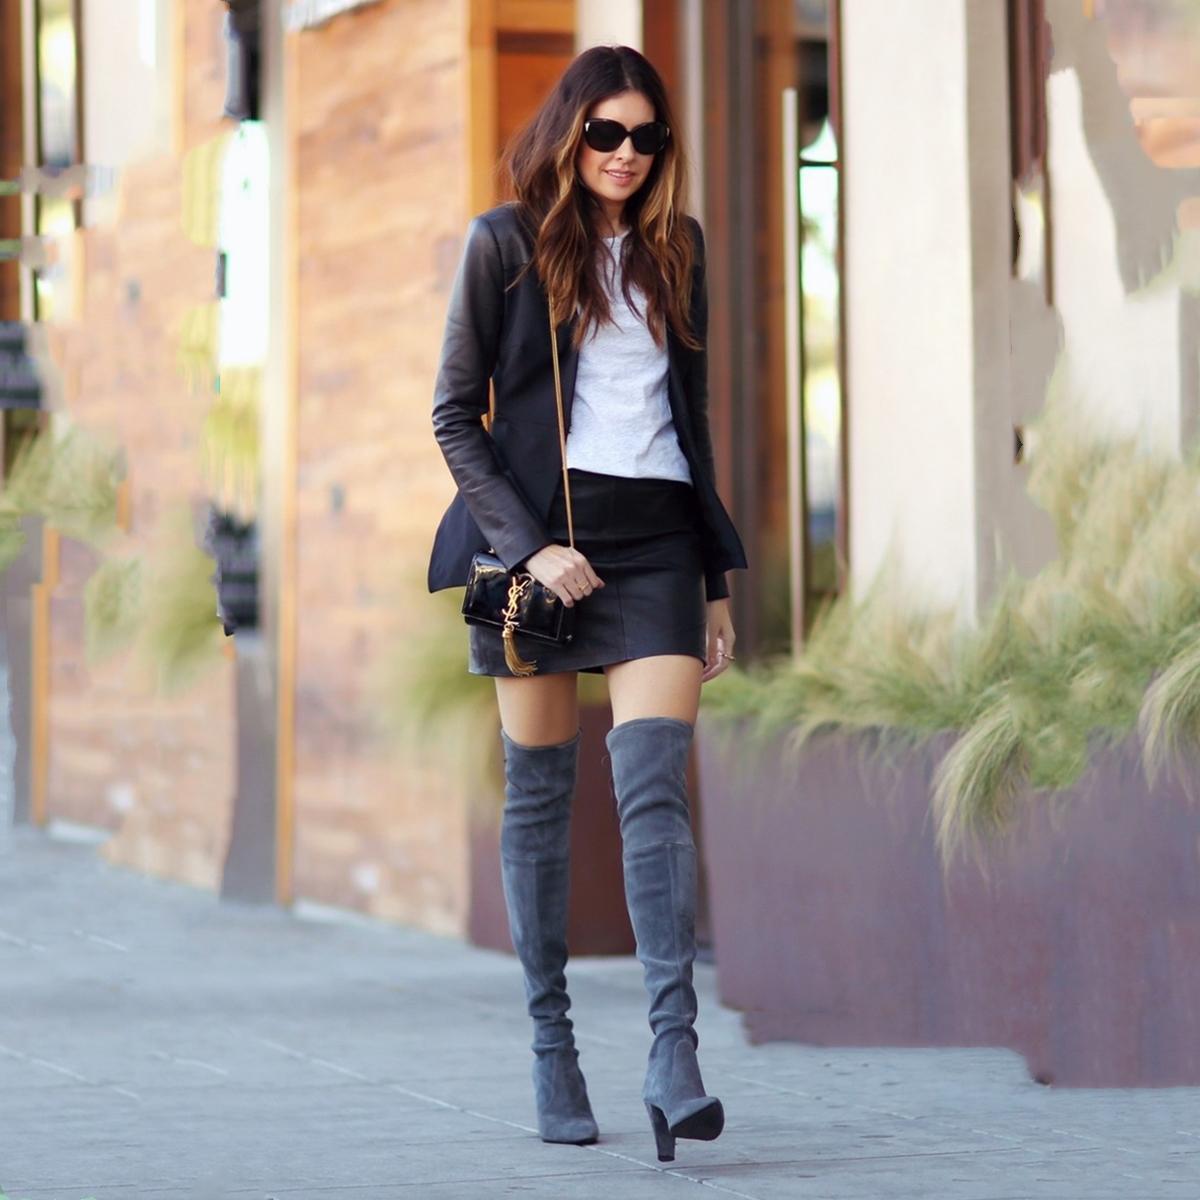 黑色长筒靴搭配_要高级穿麂皮,秋冬三种超实用麂皮单品